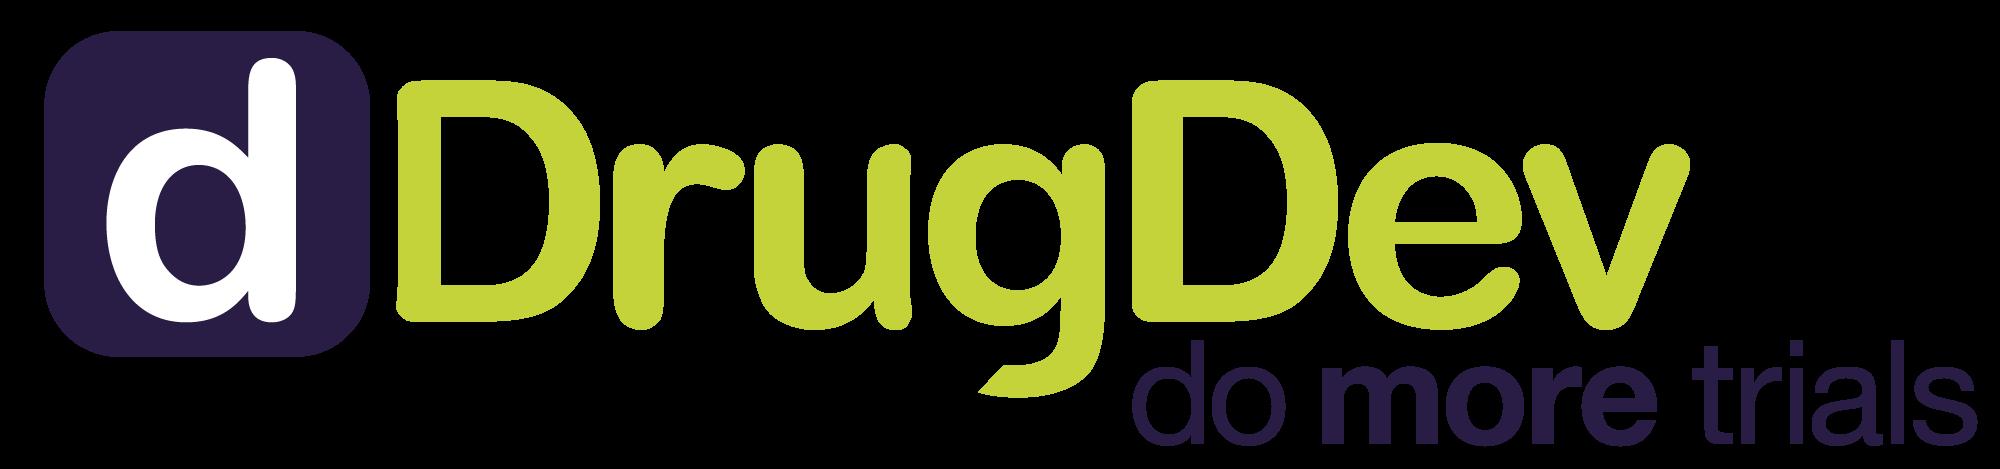 DrugDev